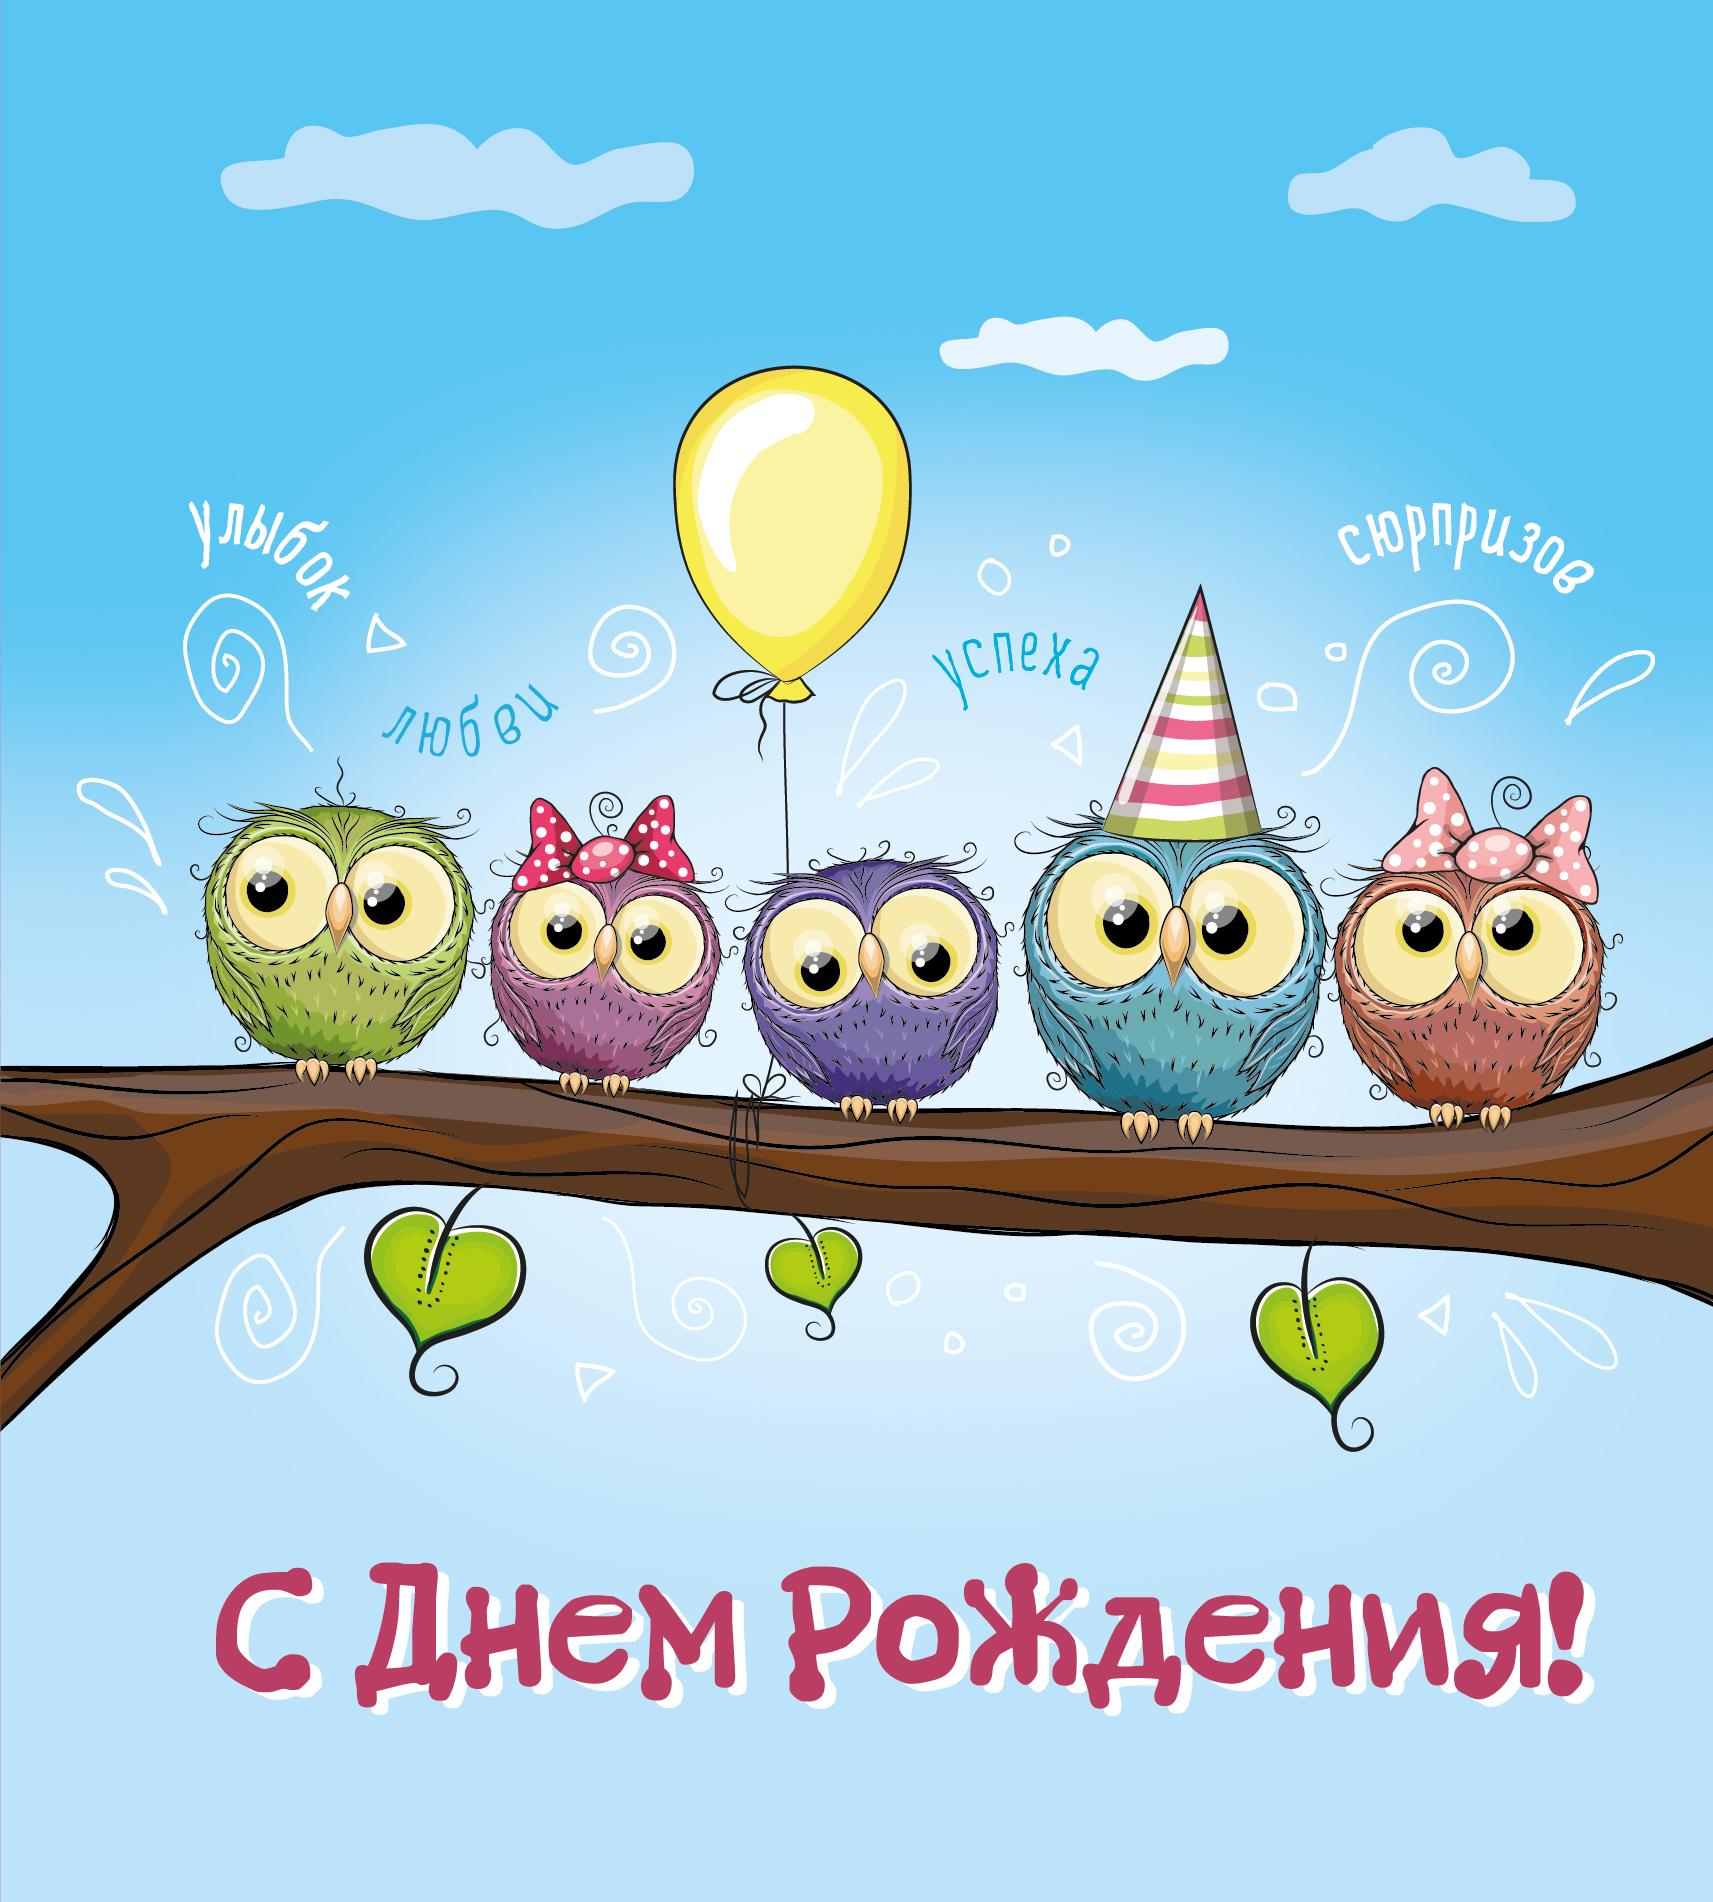 Новые картинки поздравления с днем рождения, пасхой 2014 картинки